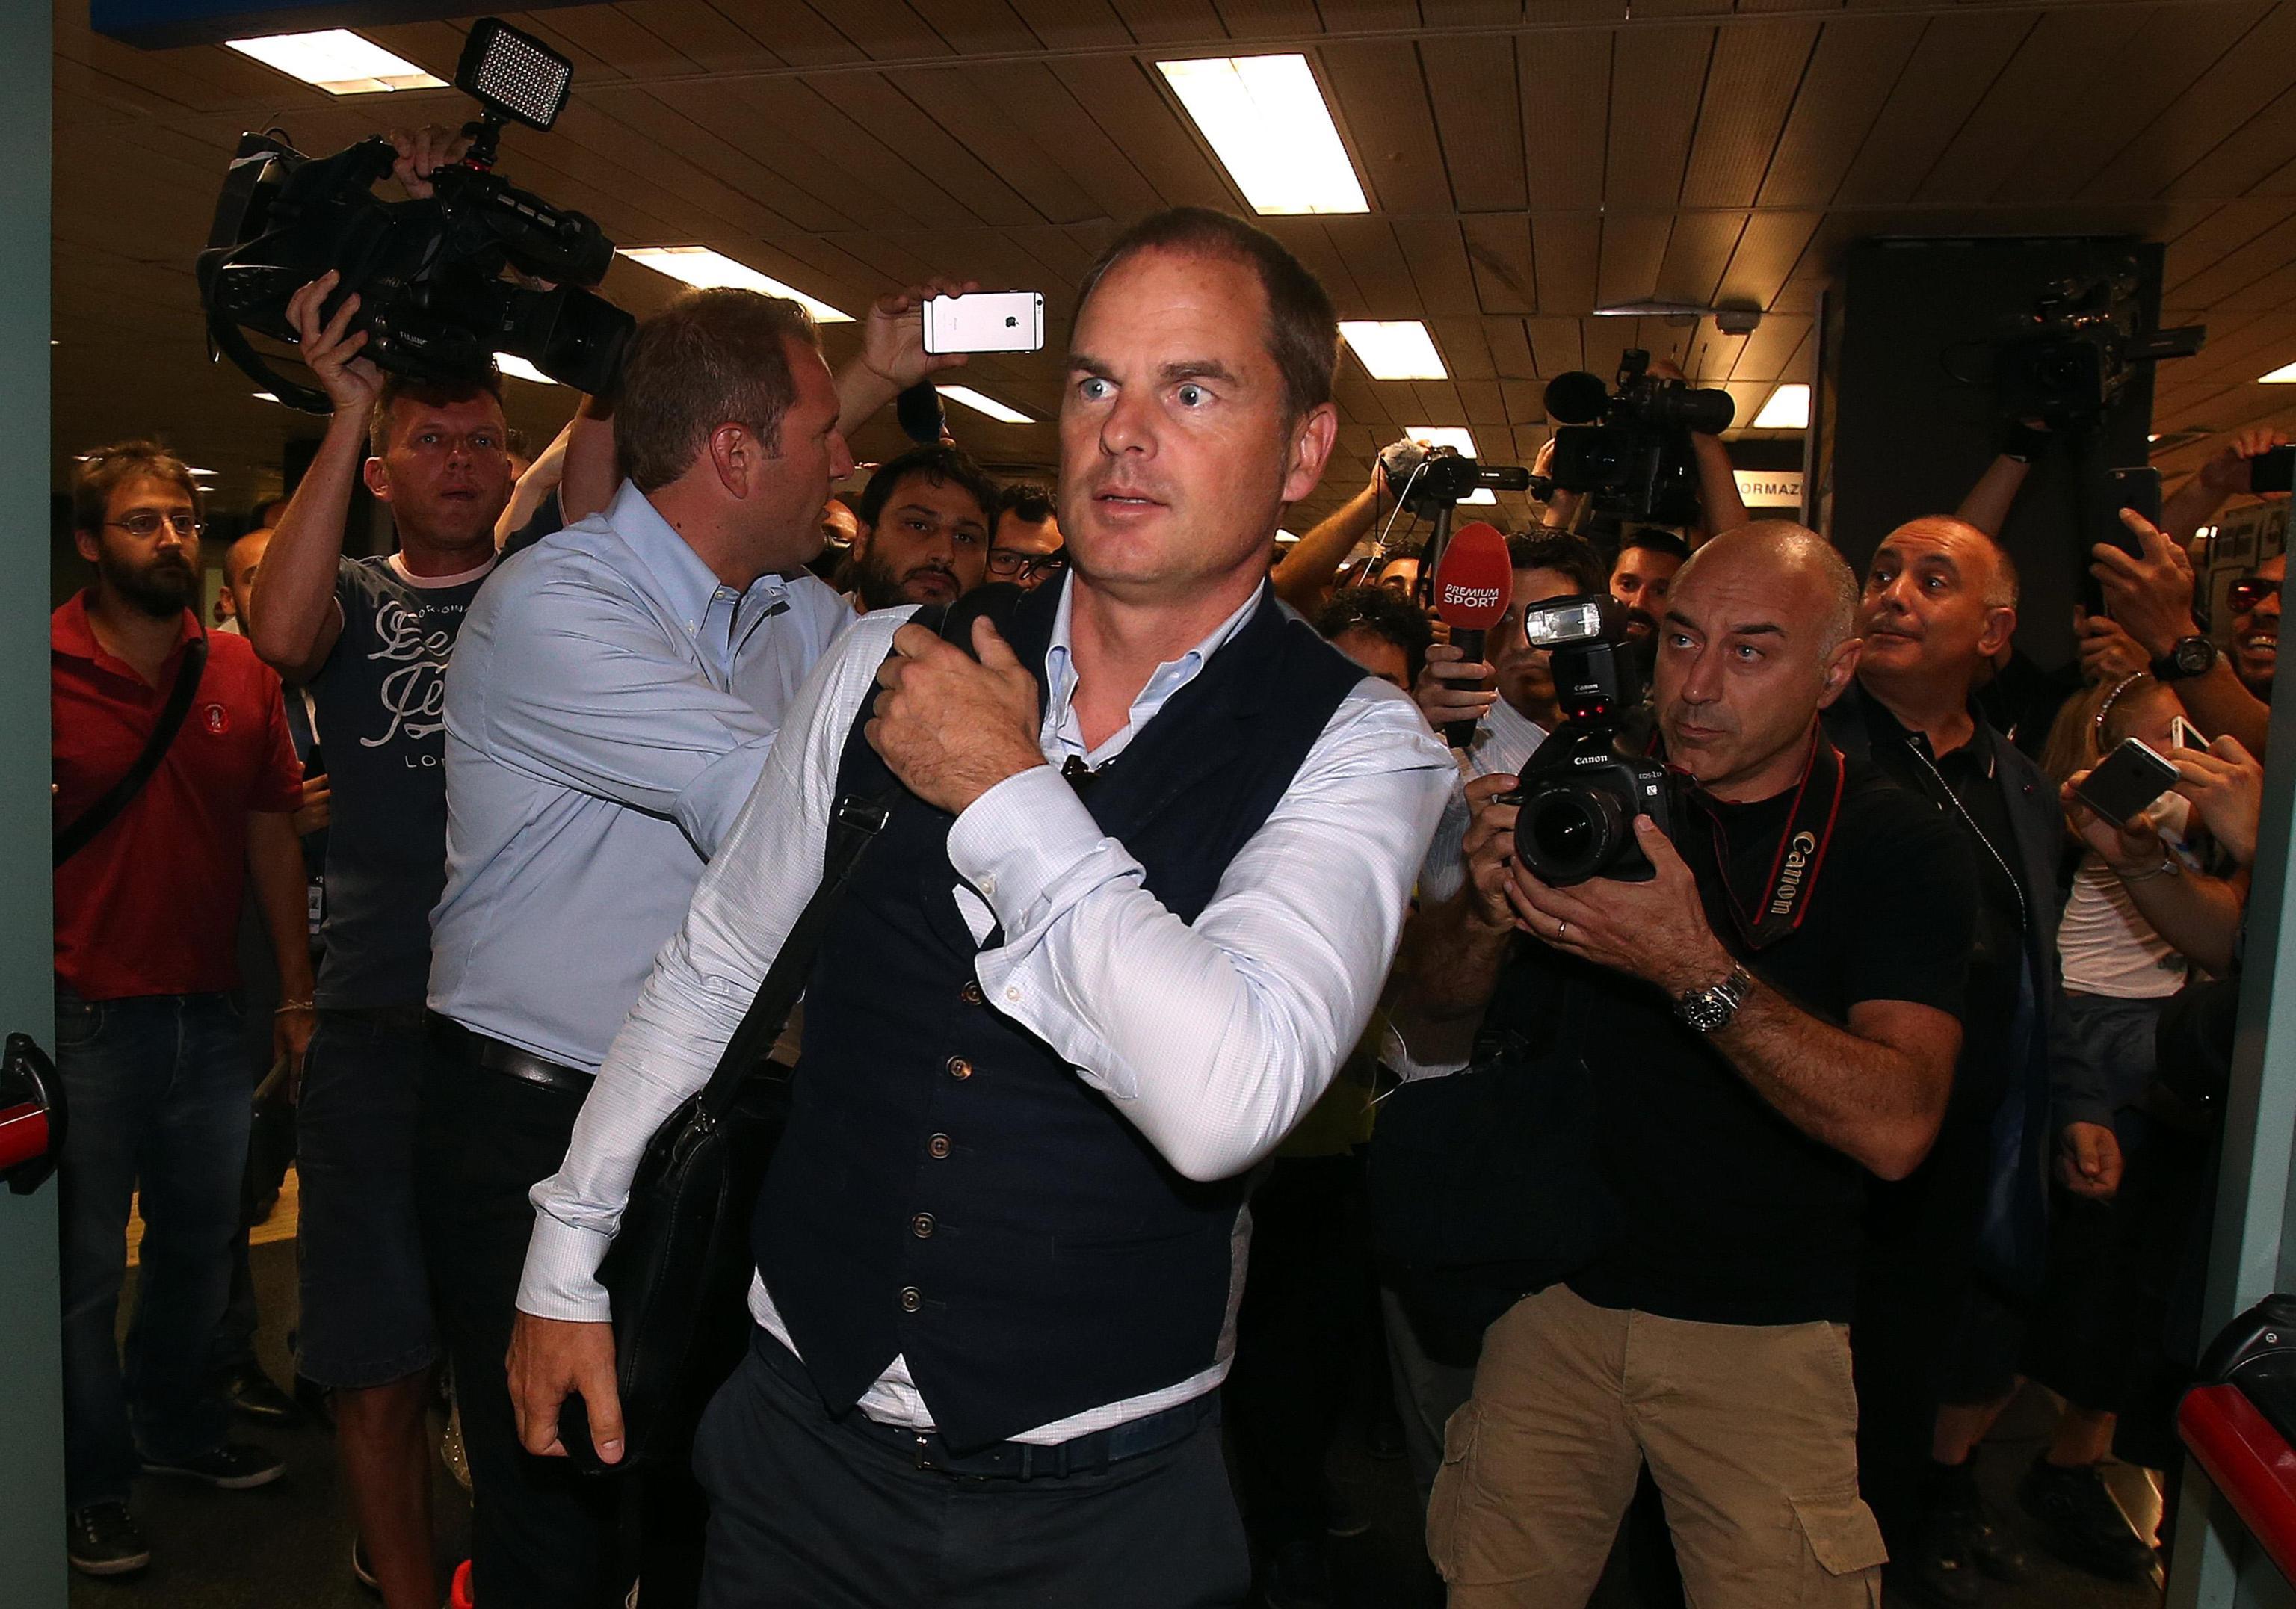 德波尔抵达米兰城:很高兴能够来到国米